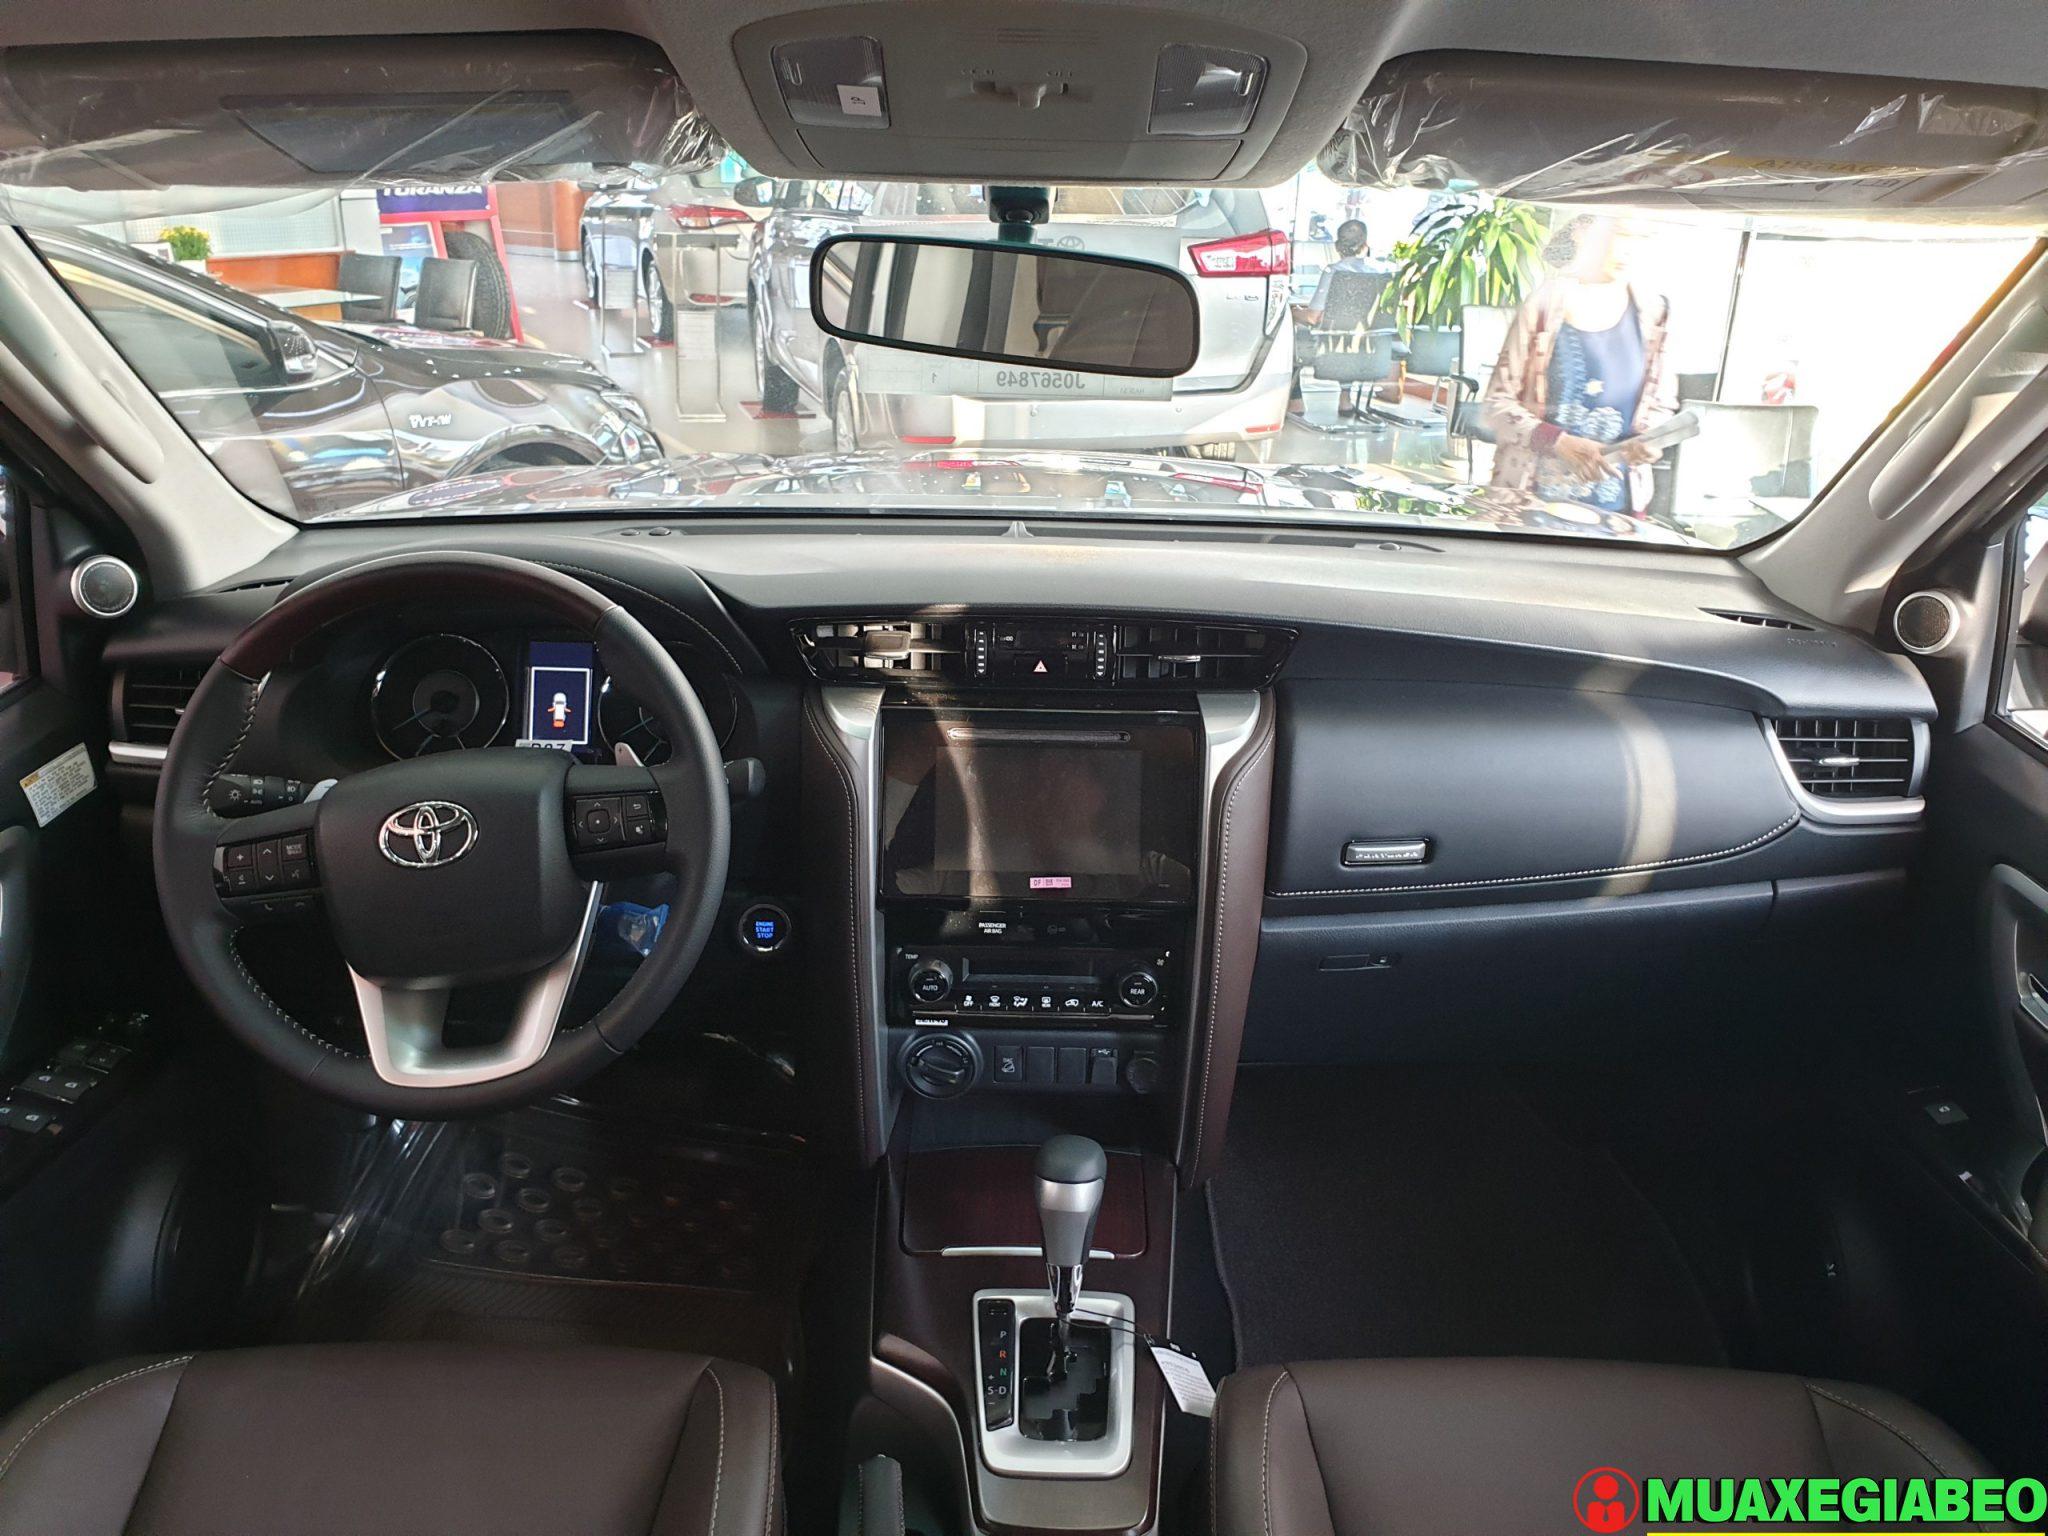 Toyota Fortuner 2.8 V diesel 4x4 AT Đánh giá thông số lăn bánh trả góp ảnh 3 - Fortuner 2.8 V 4WD [hienthinam]: giá xe và khuyến mãi mới